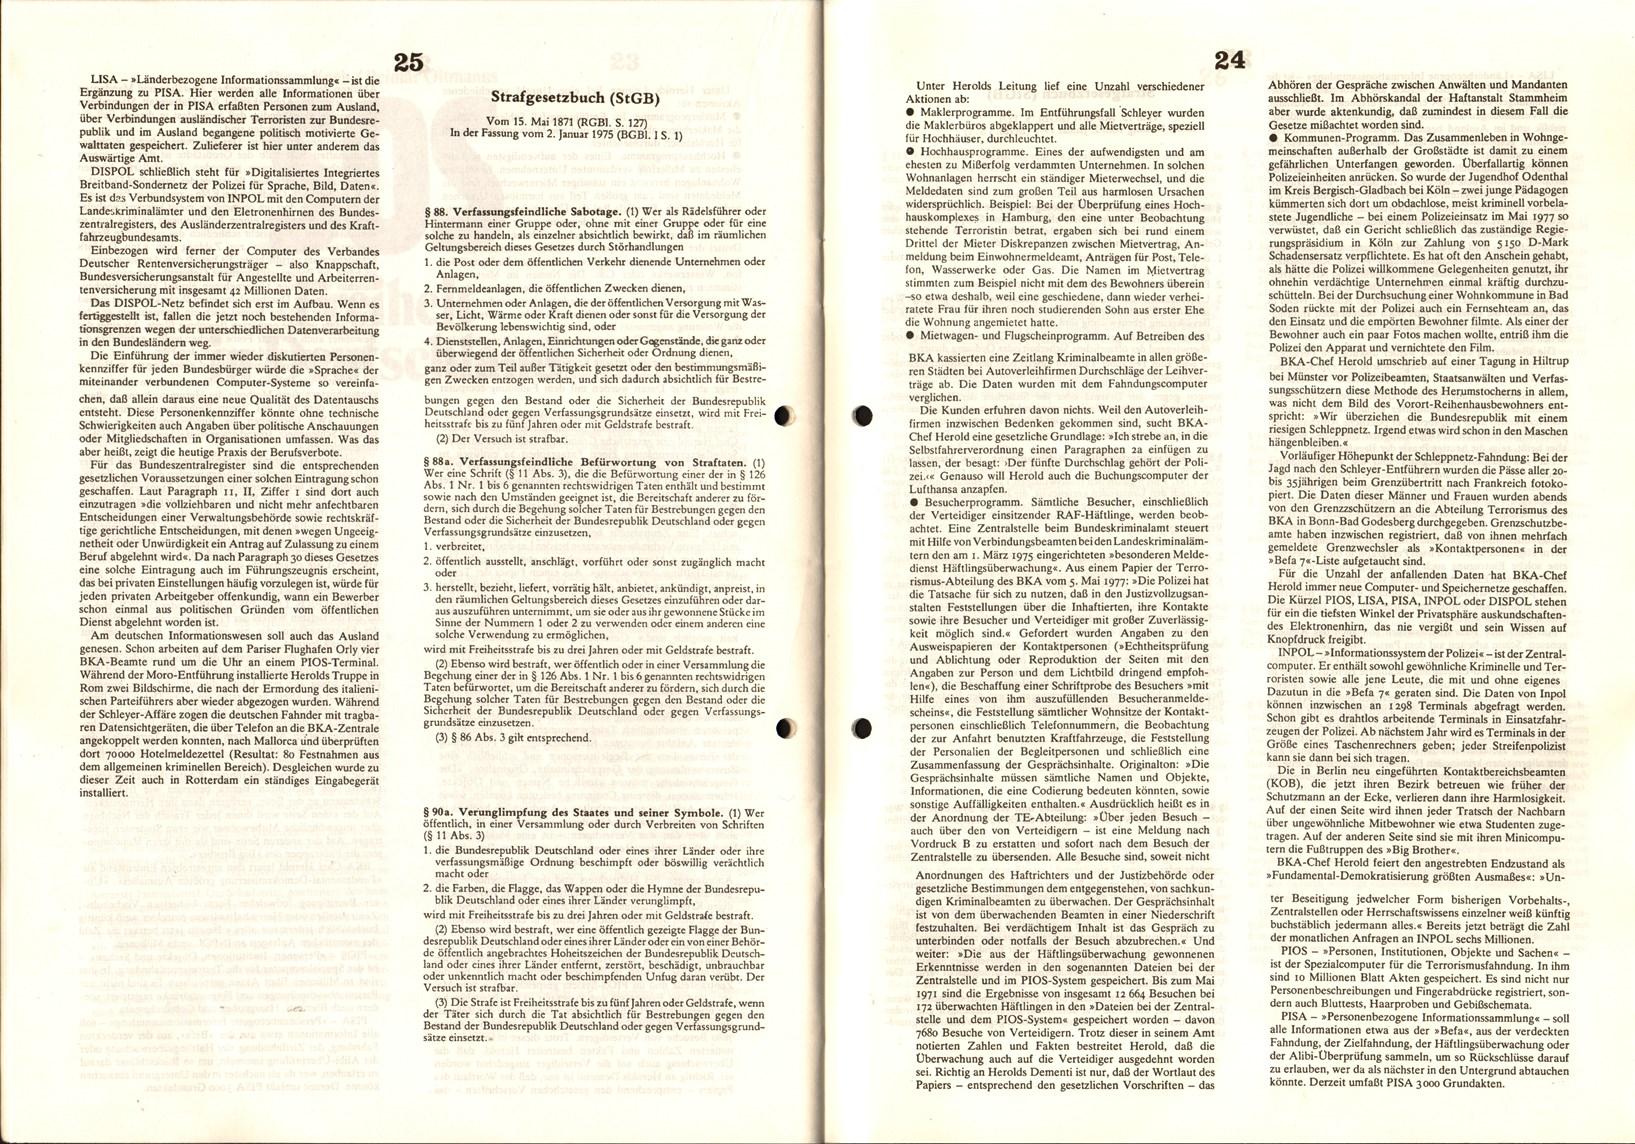 RT_Zur_zweiten_Sitzungsperiode_1979_16